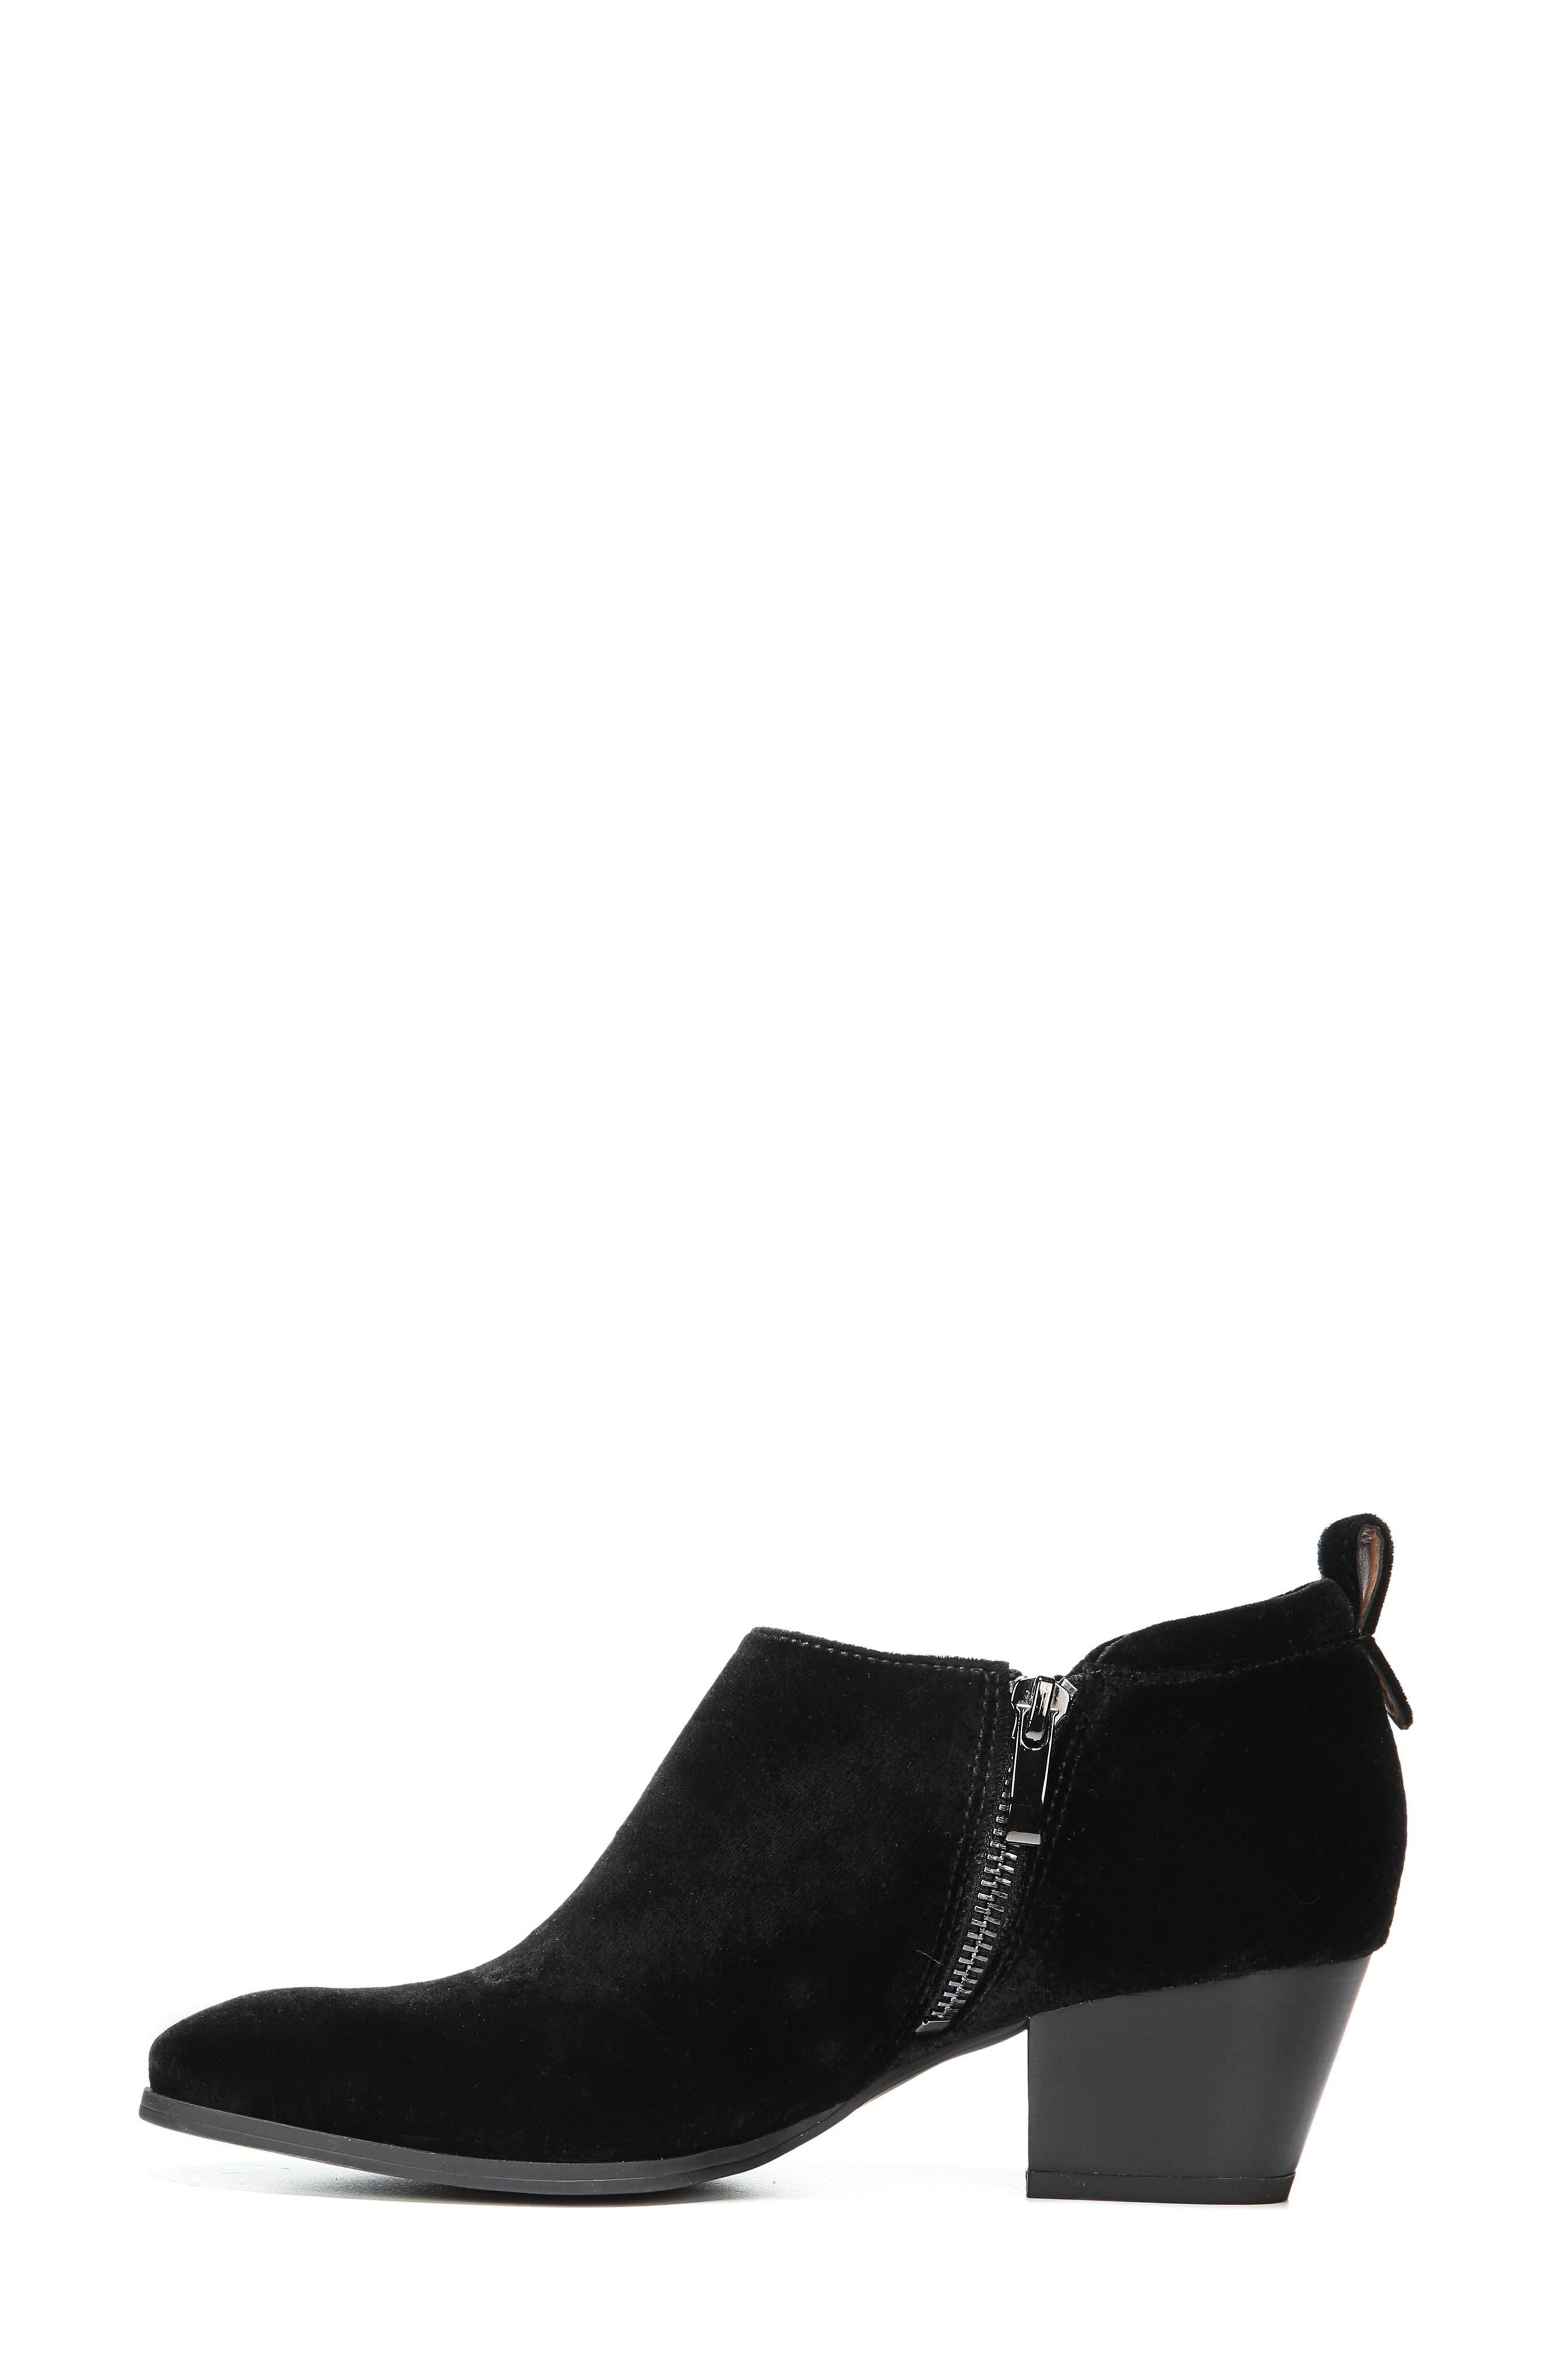 'Granite' Block Heel Bootie,                             Alternate thumbnail 2, color,                             Black Velvet